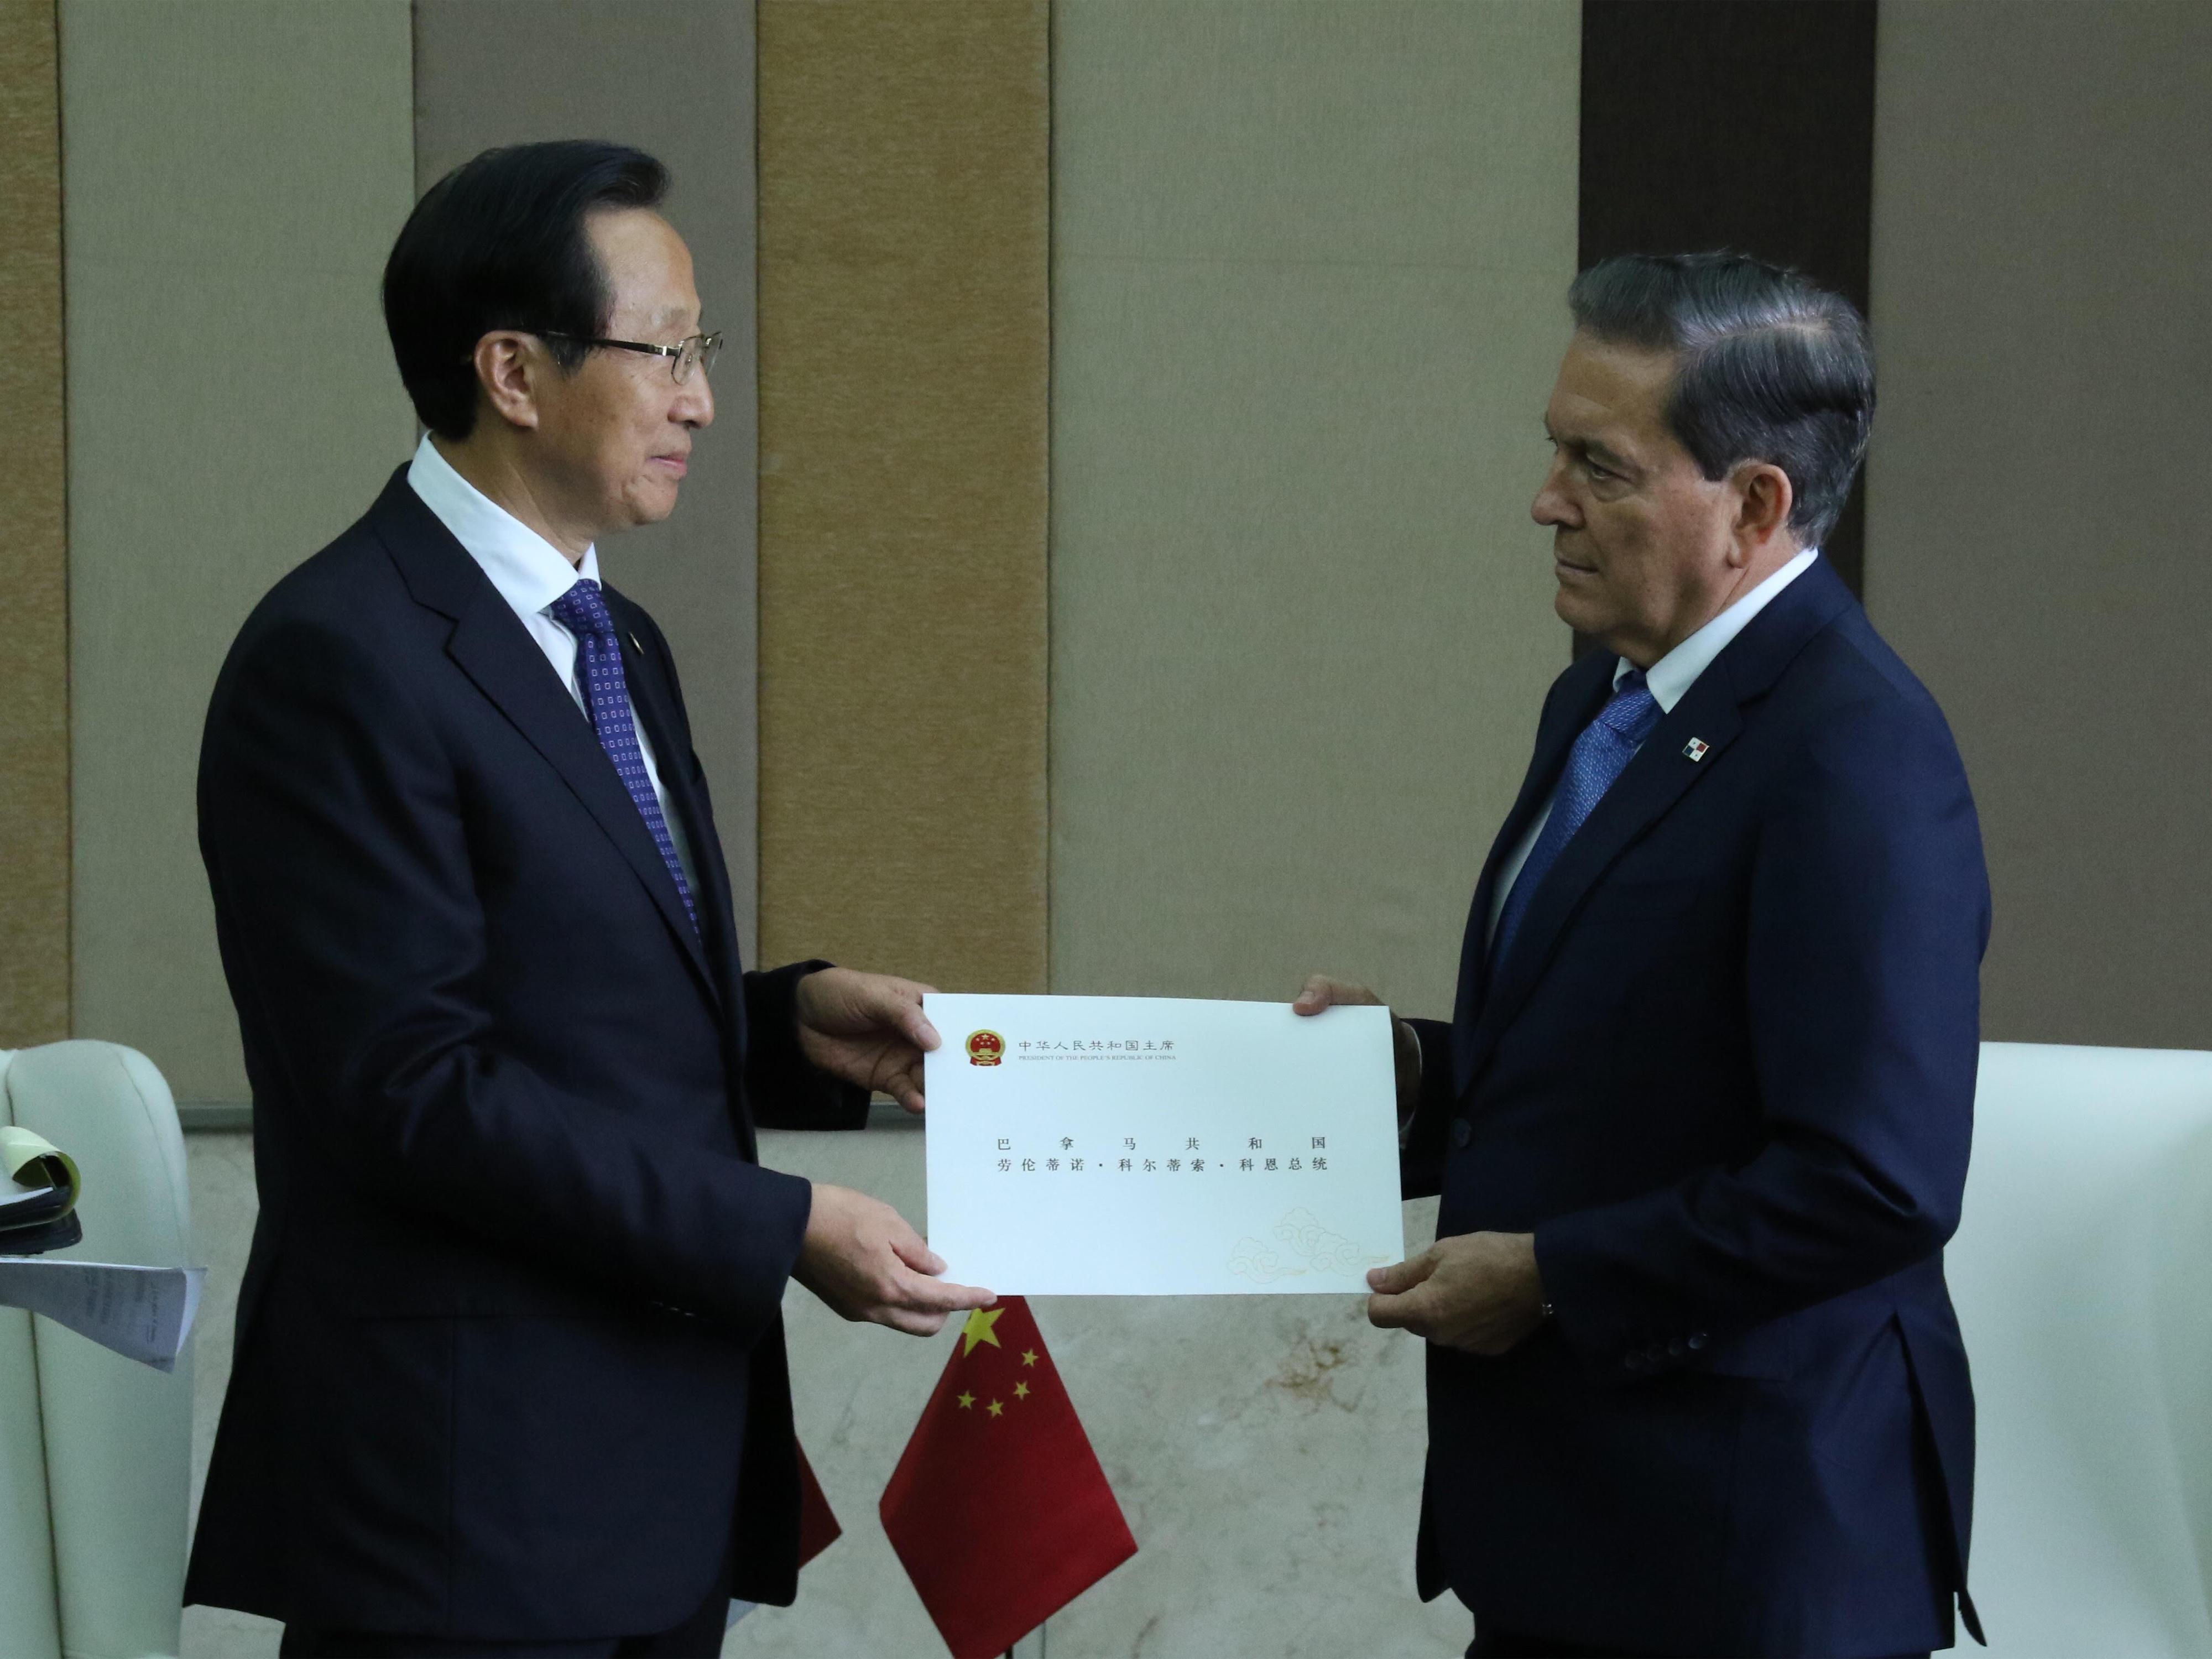 习近平主席特使韩长赋出席巴拿马总统权力交接仪式